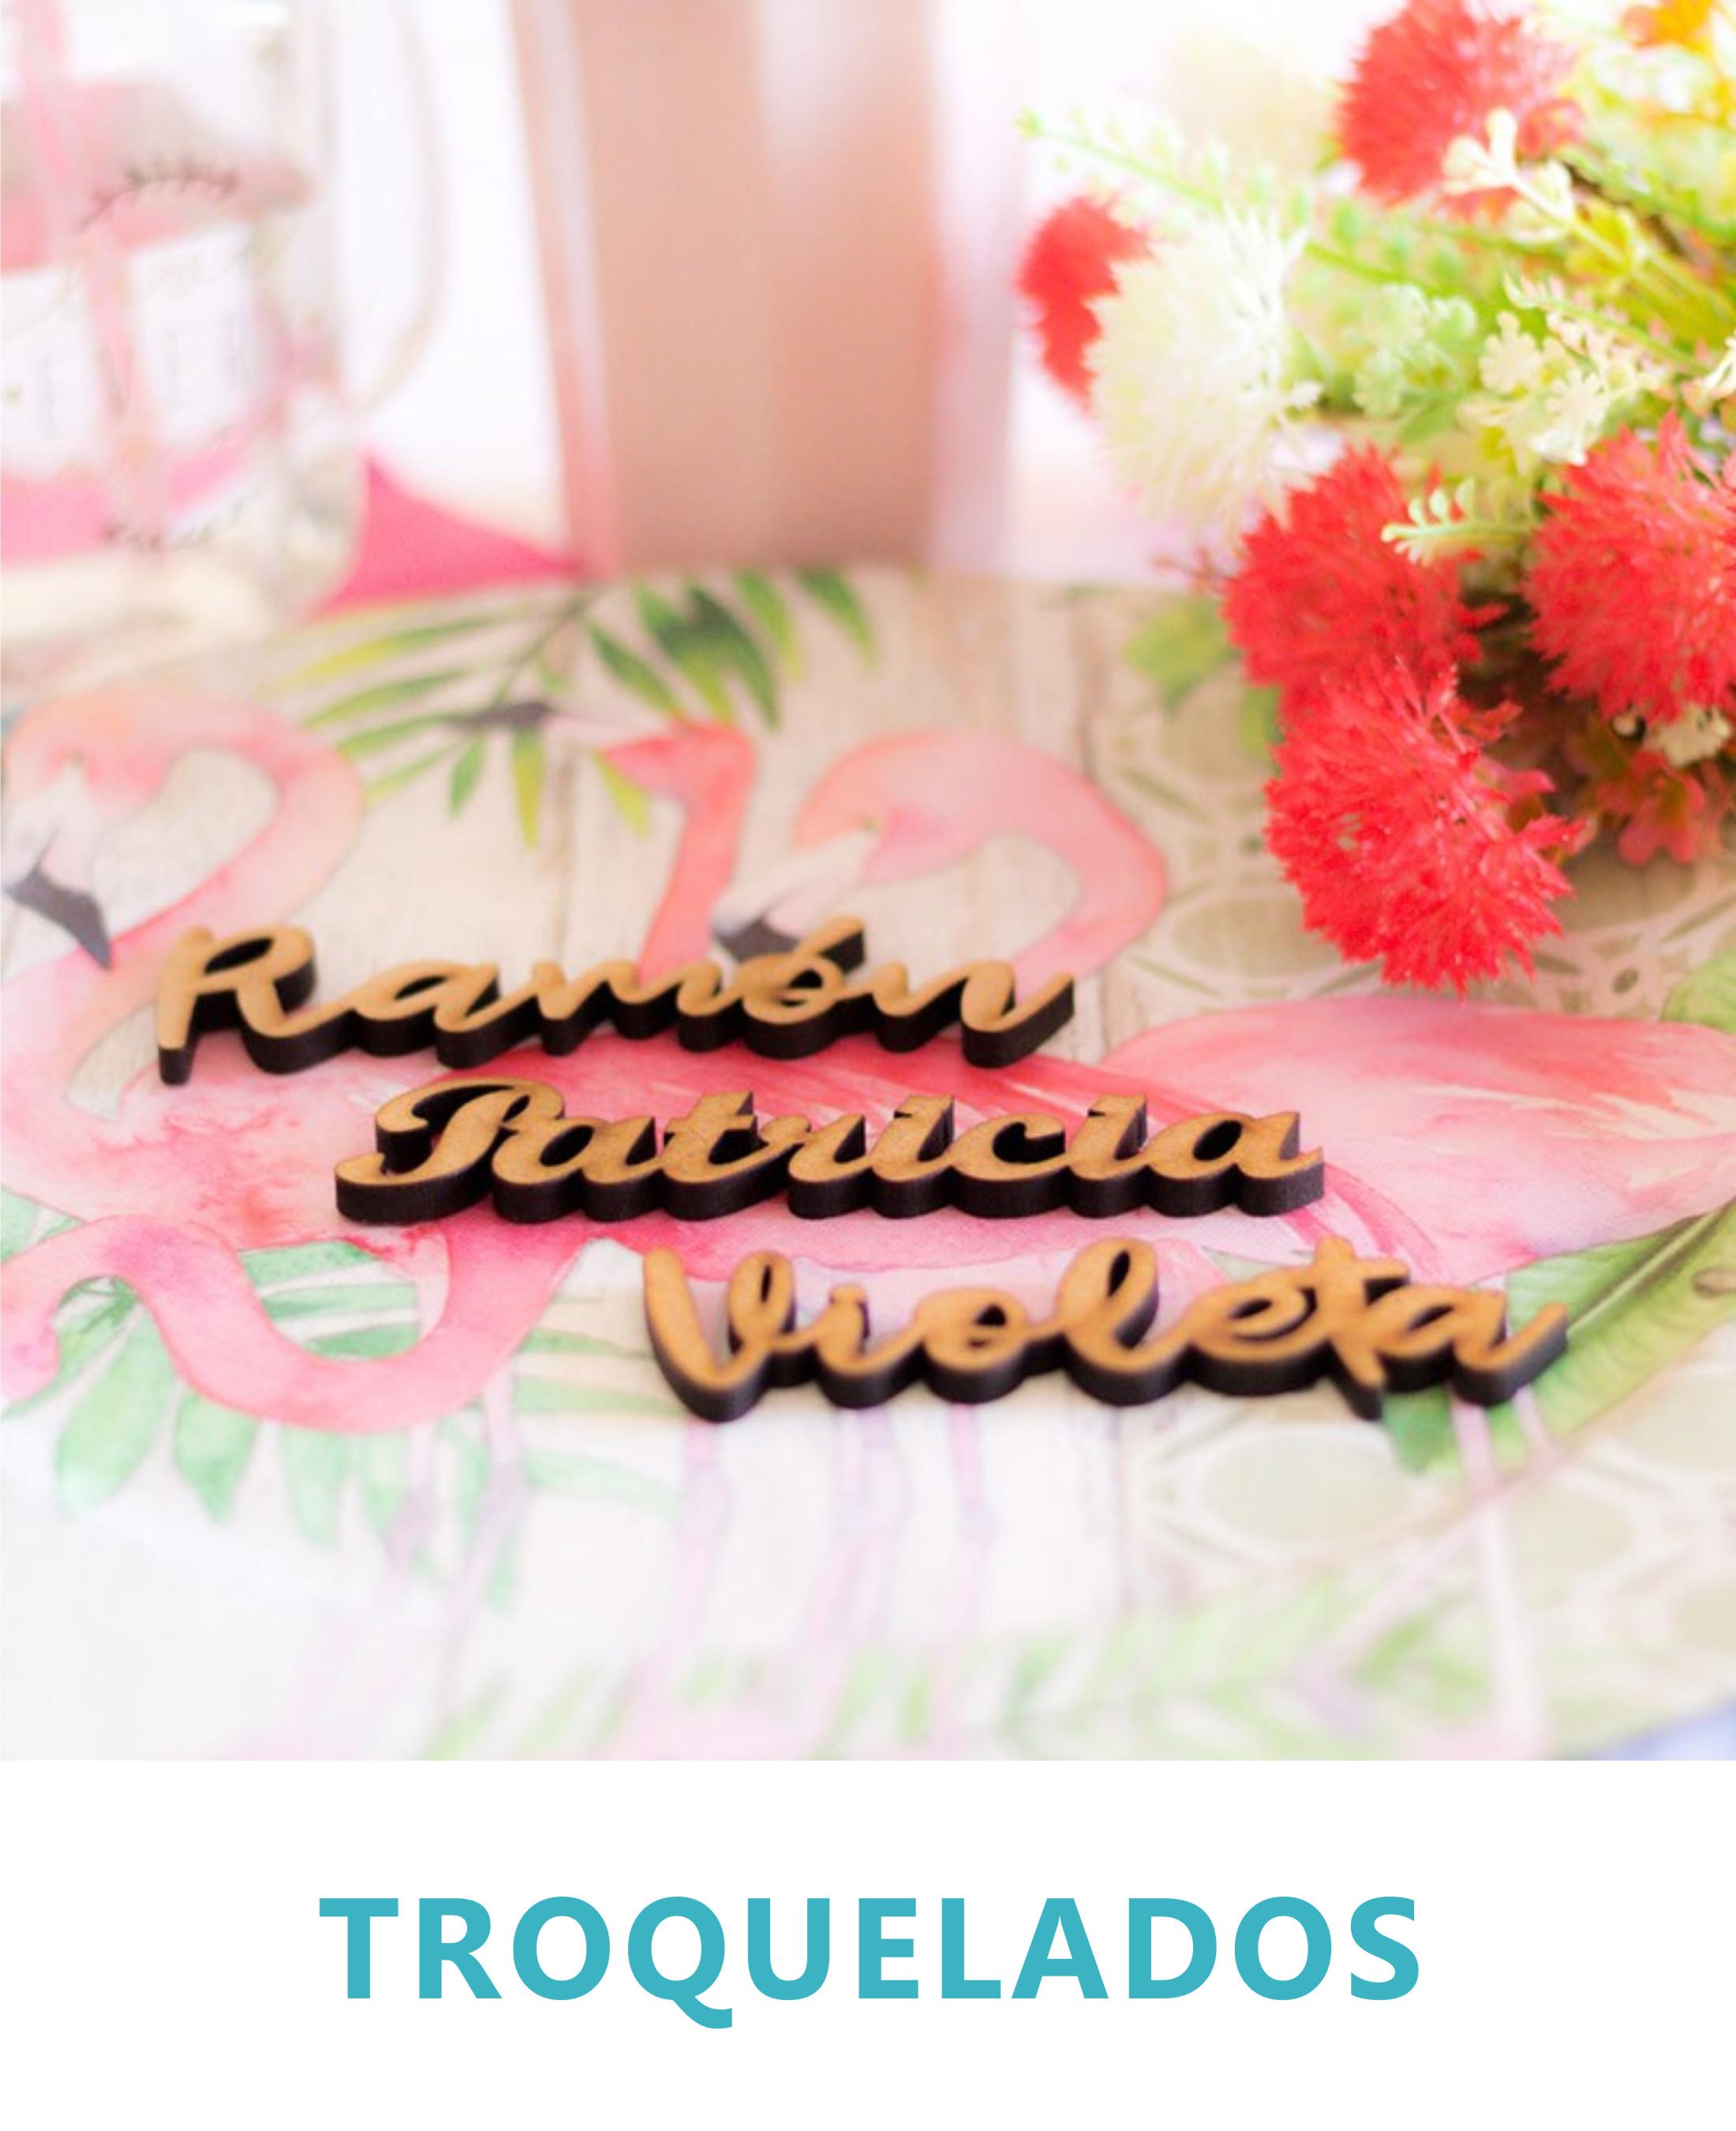 TROQUELADOS22.JPG